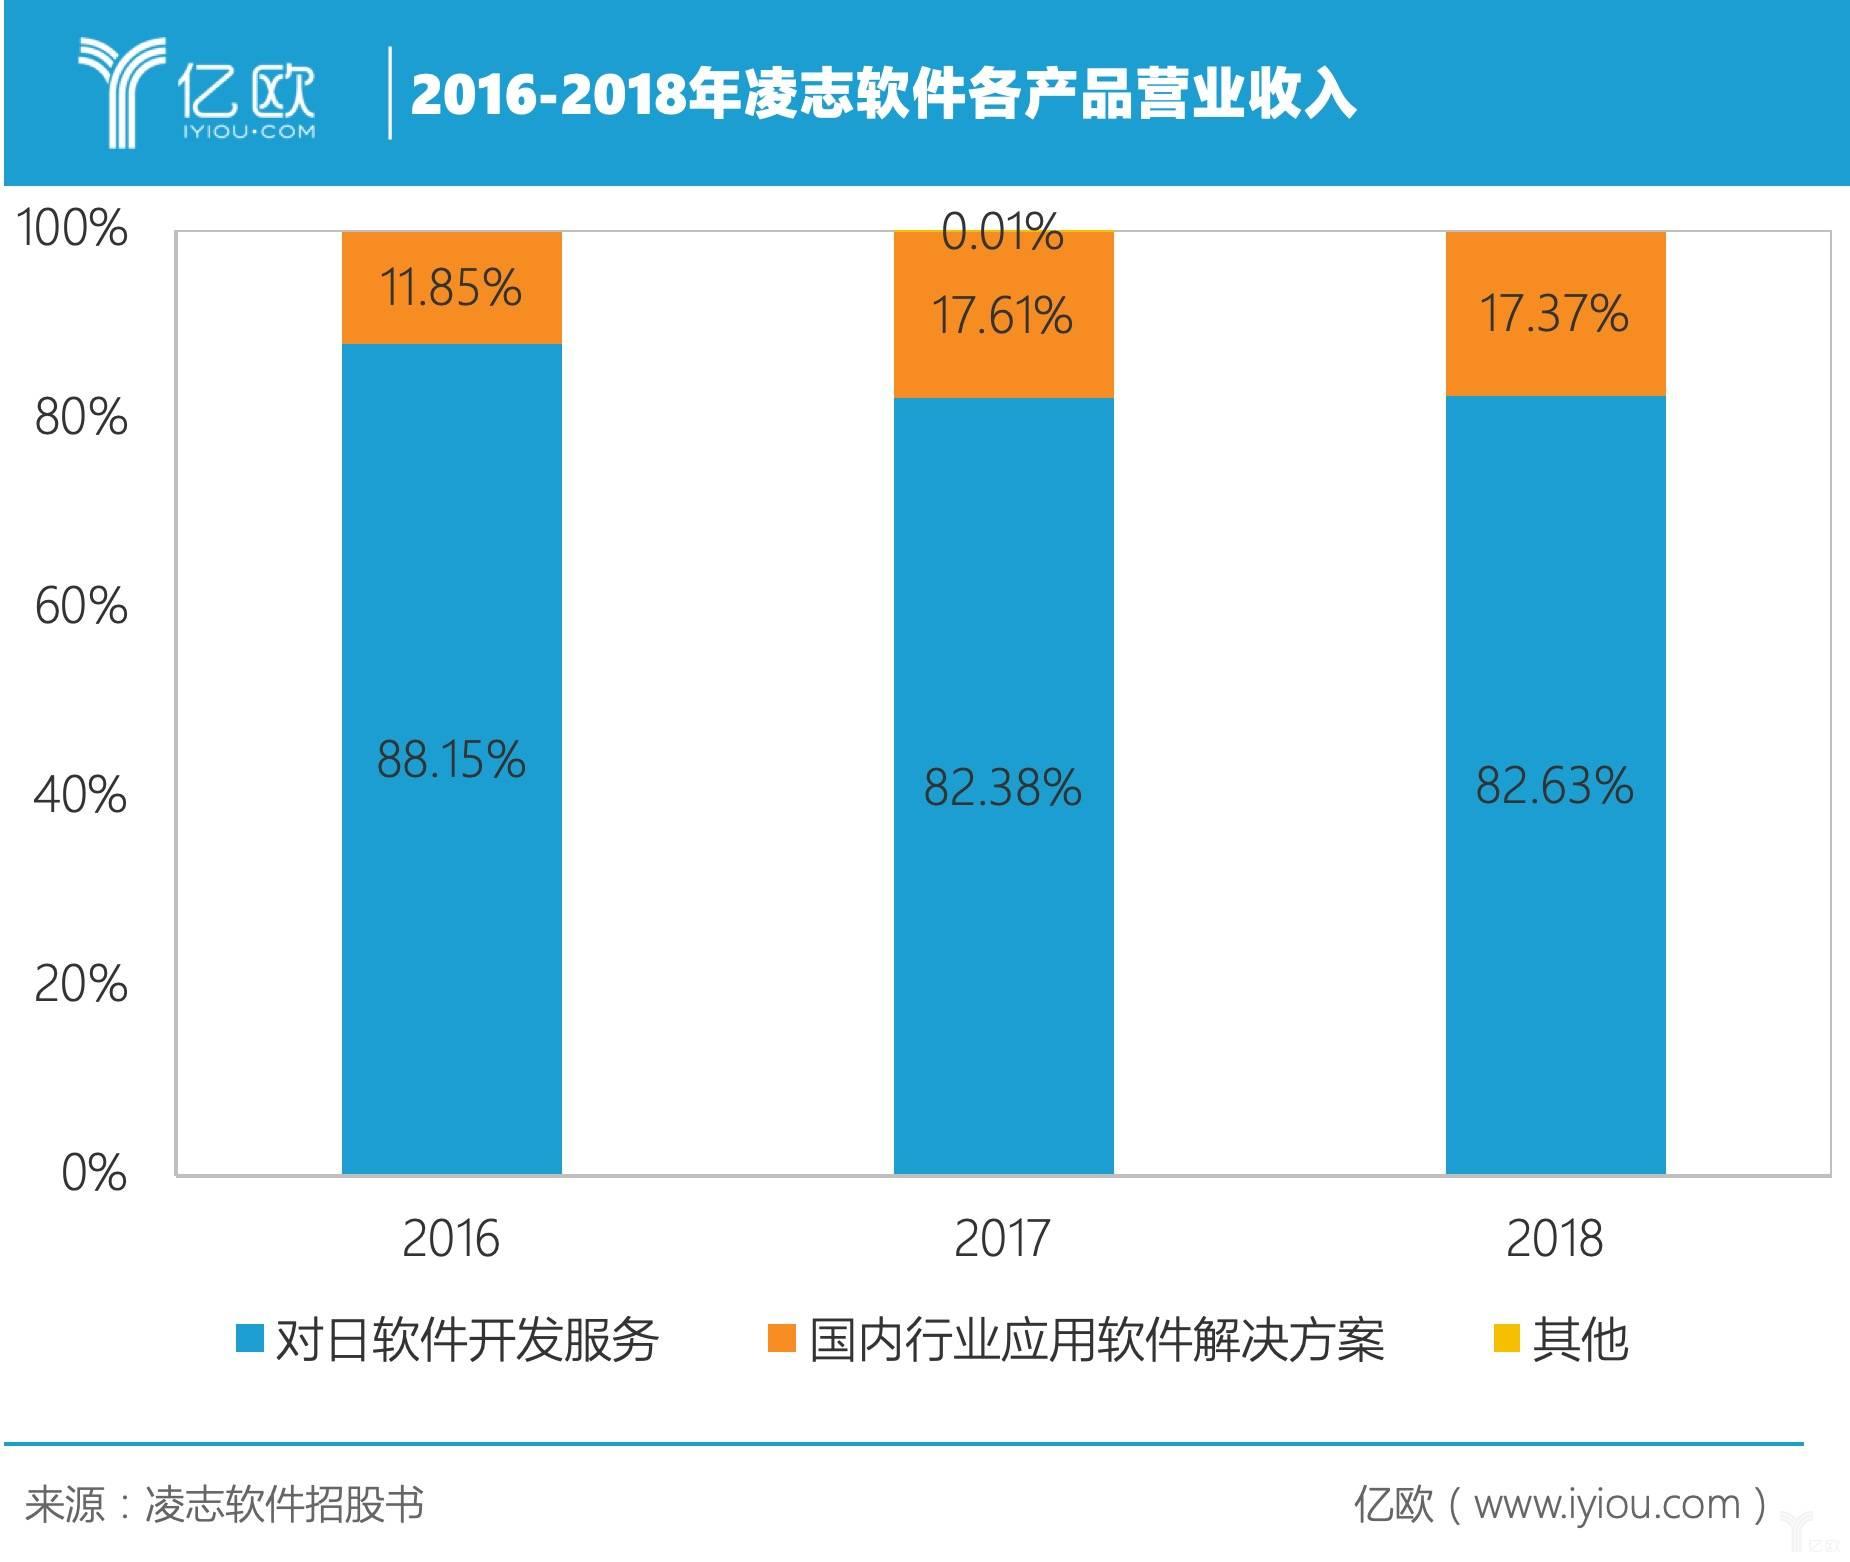 2016-2018年凌志柔件各产品交易收好.jpeg